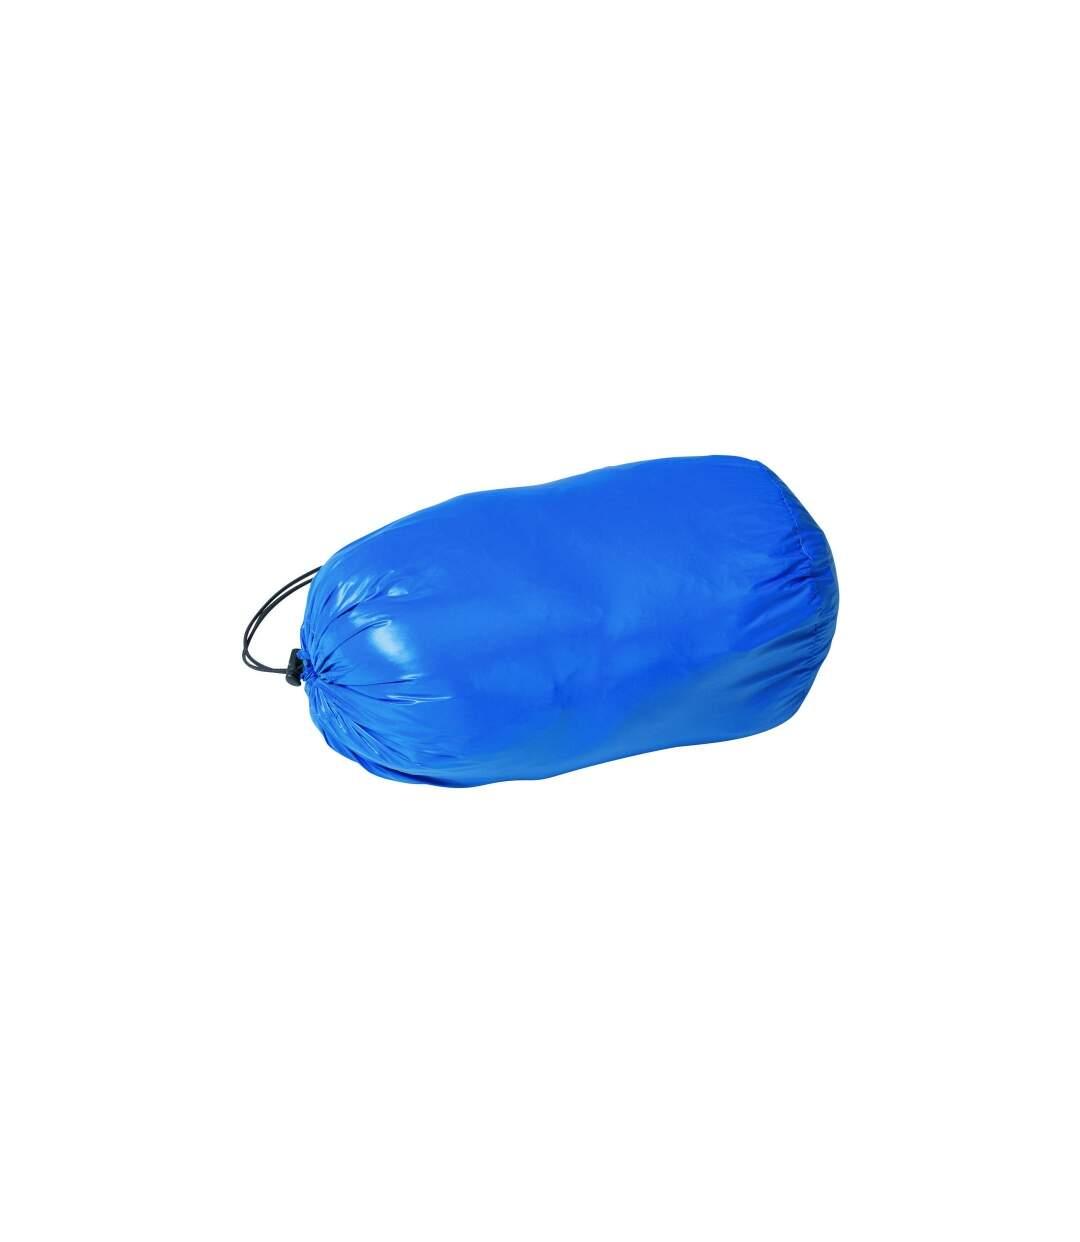 Bodywarmer duvet doudoune sans manches FEMME - JN1061 - bleu